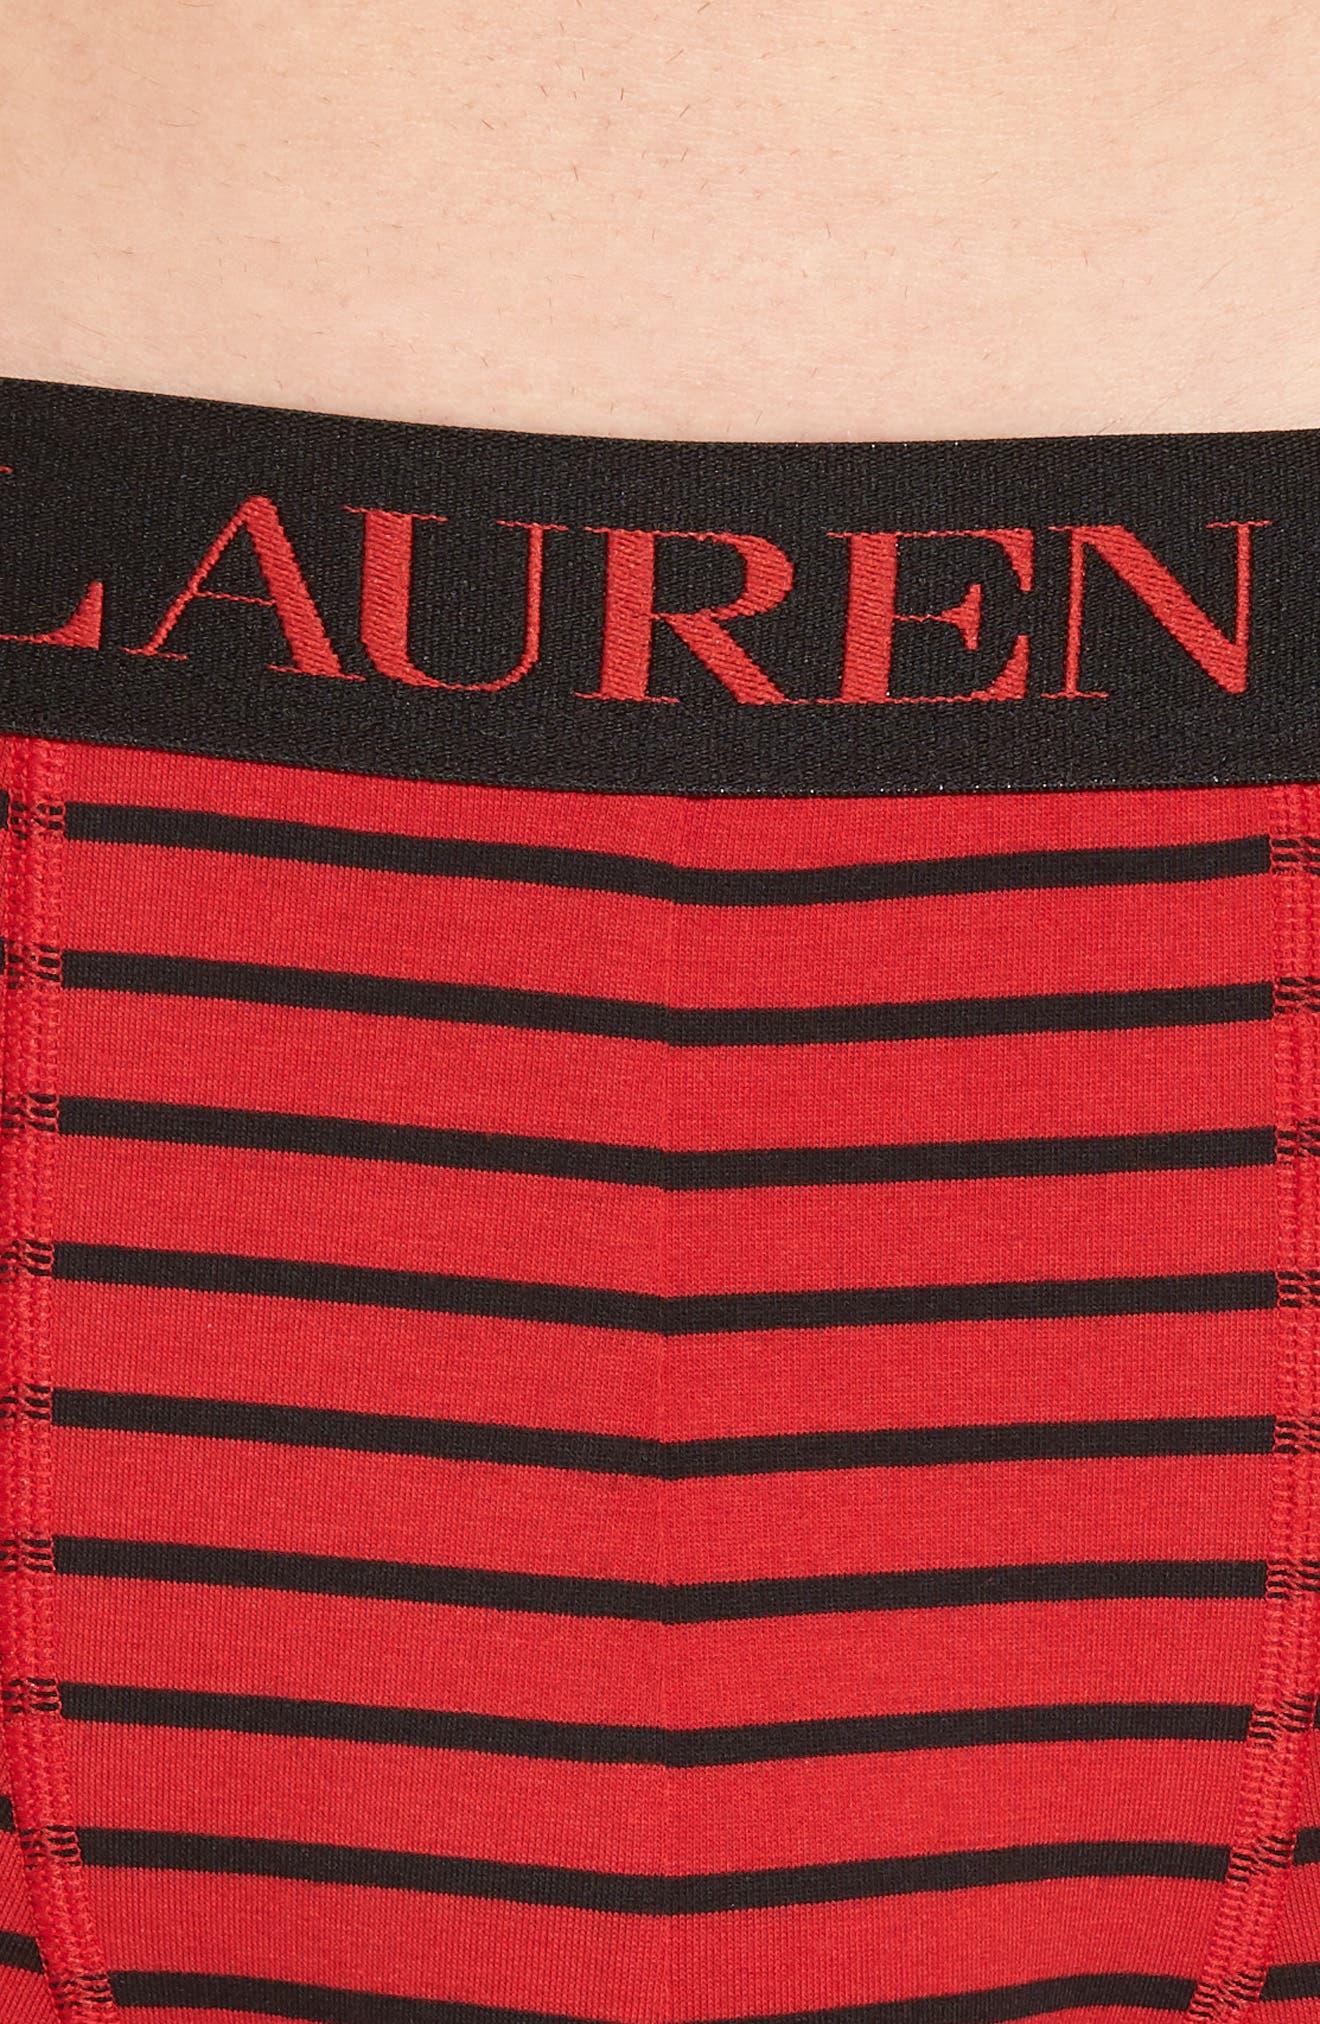 2-Pack Comfort Cotton Boxer Briefs,                             Alternate thumbnail 15, color,